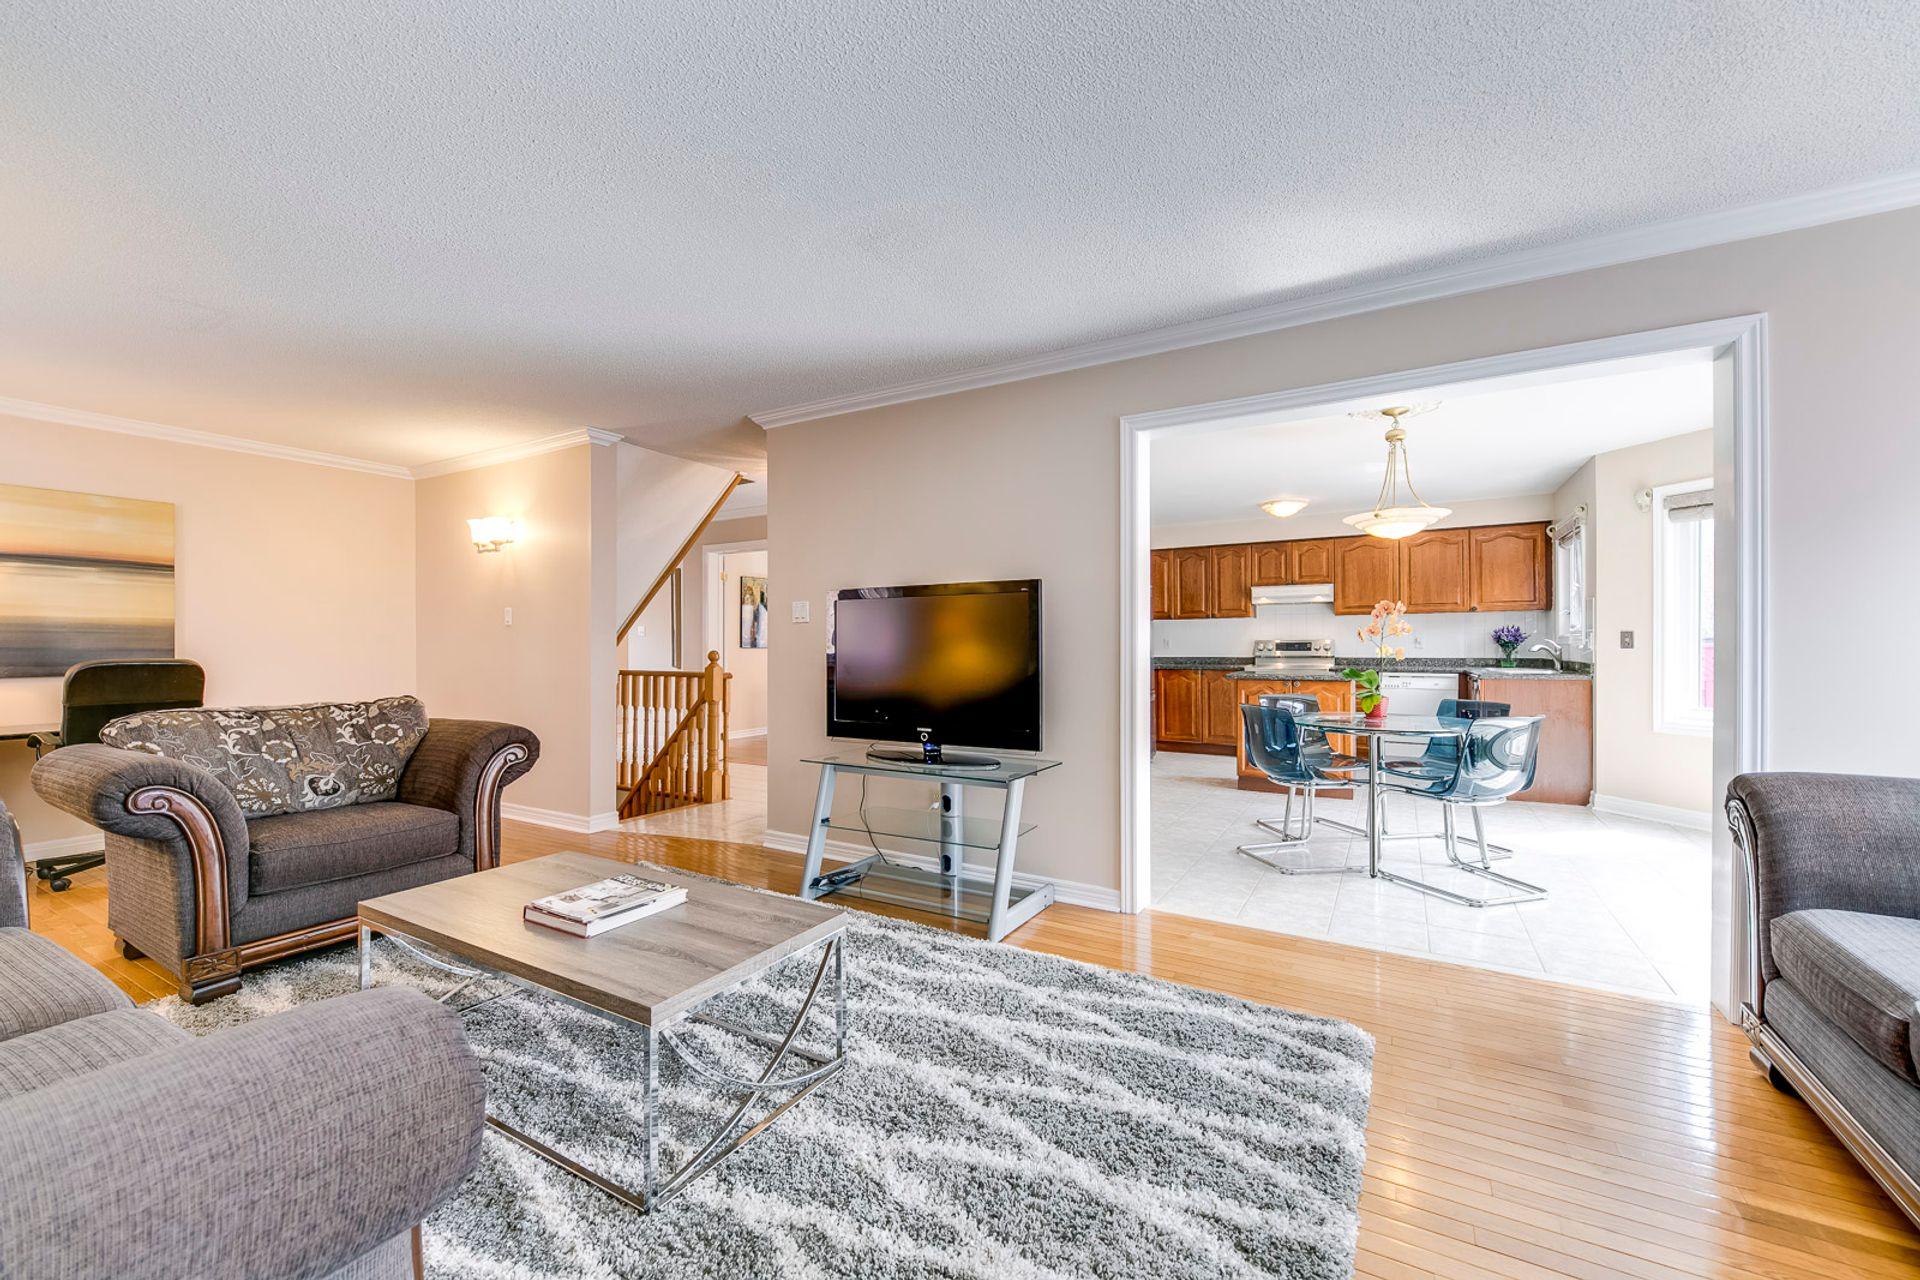 Family Room - 5156 Heatherleigh Ave, Mississauga - Elite3 & Team at 5156 Heatherleigh Avenue, East Credit, Mississauga